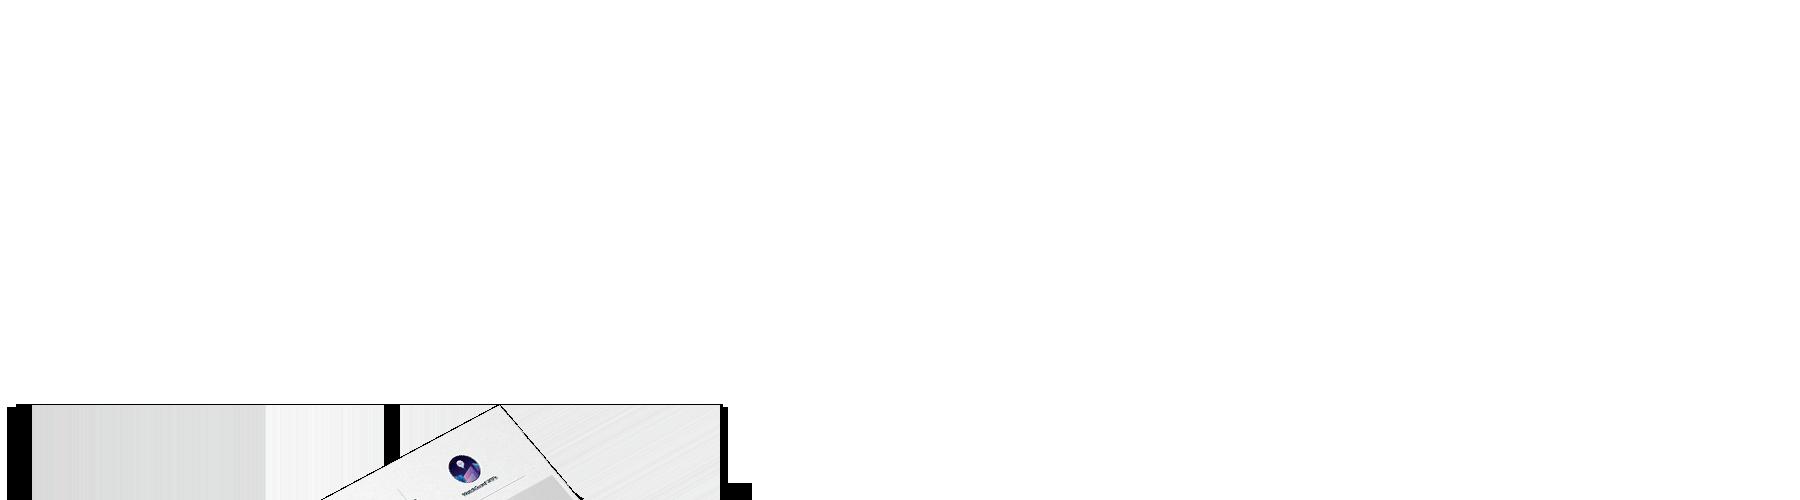 datasheet-banner-1